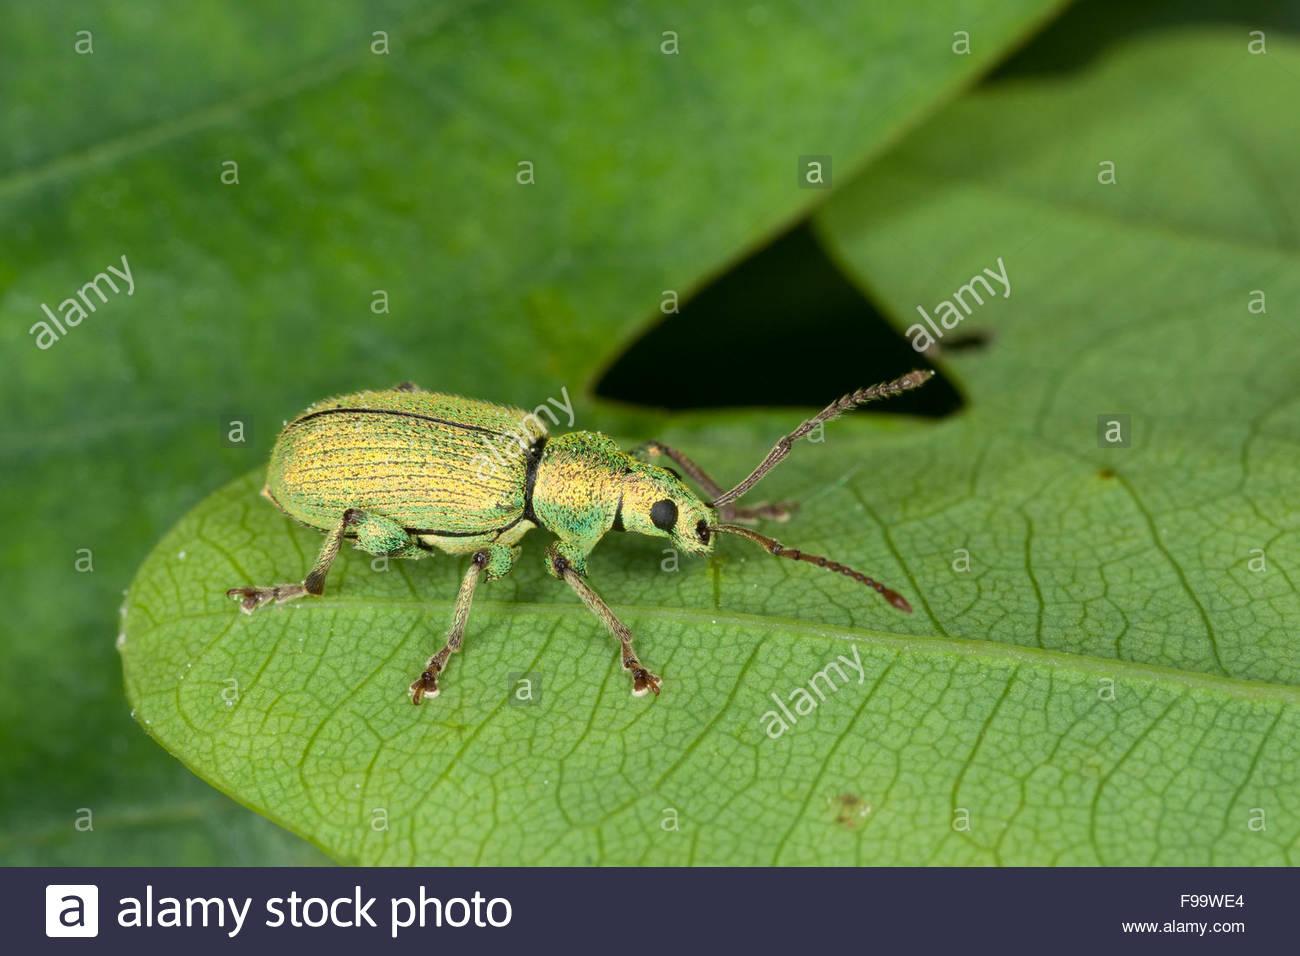 Phyllobius Weevil, Silver Green Leaf Weevil, Silberner Grünrüssler.